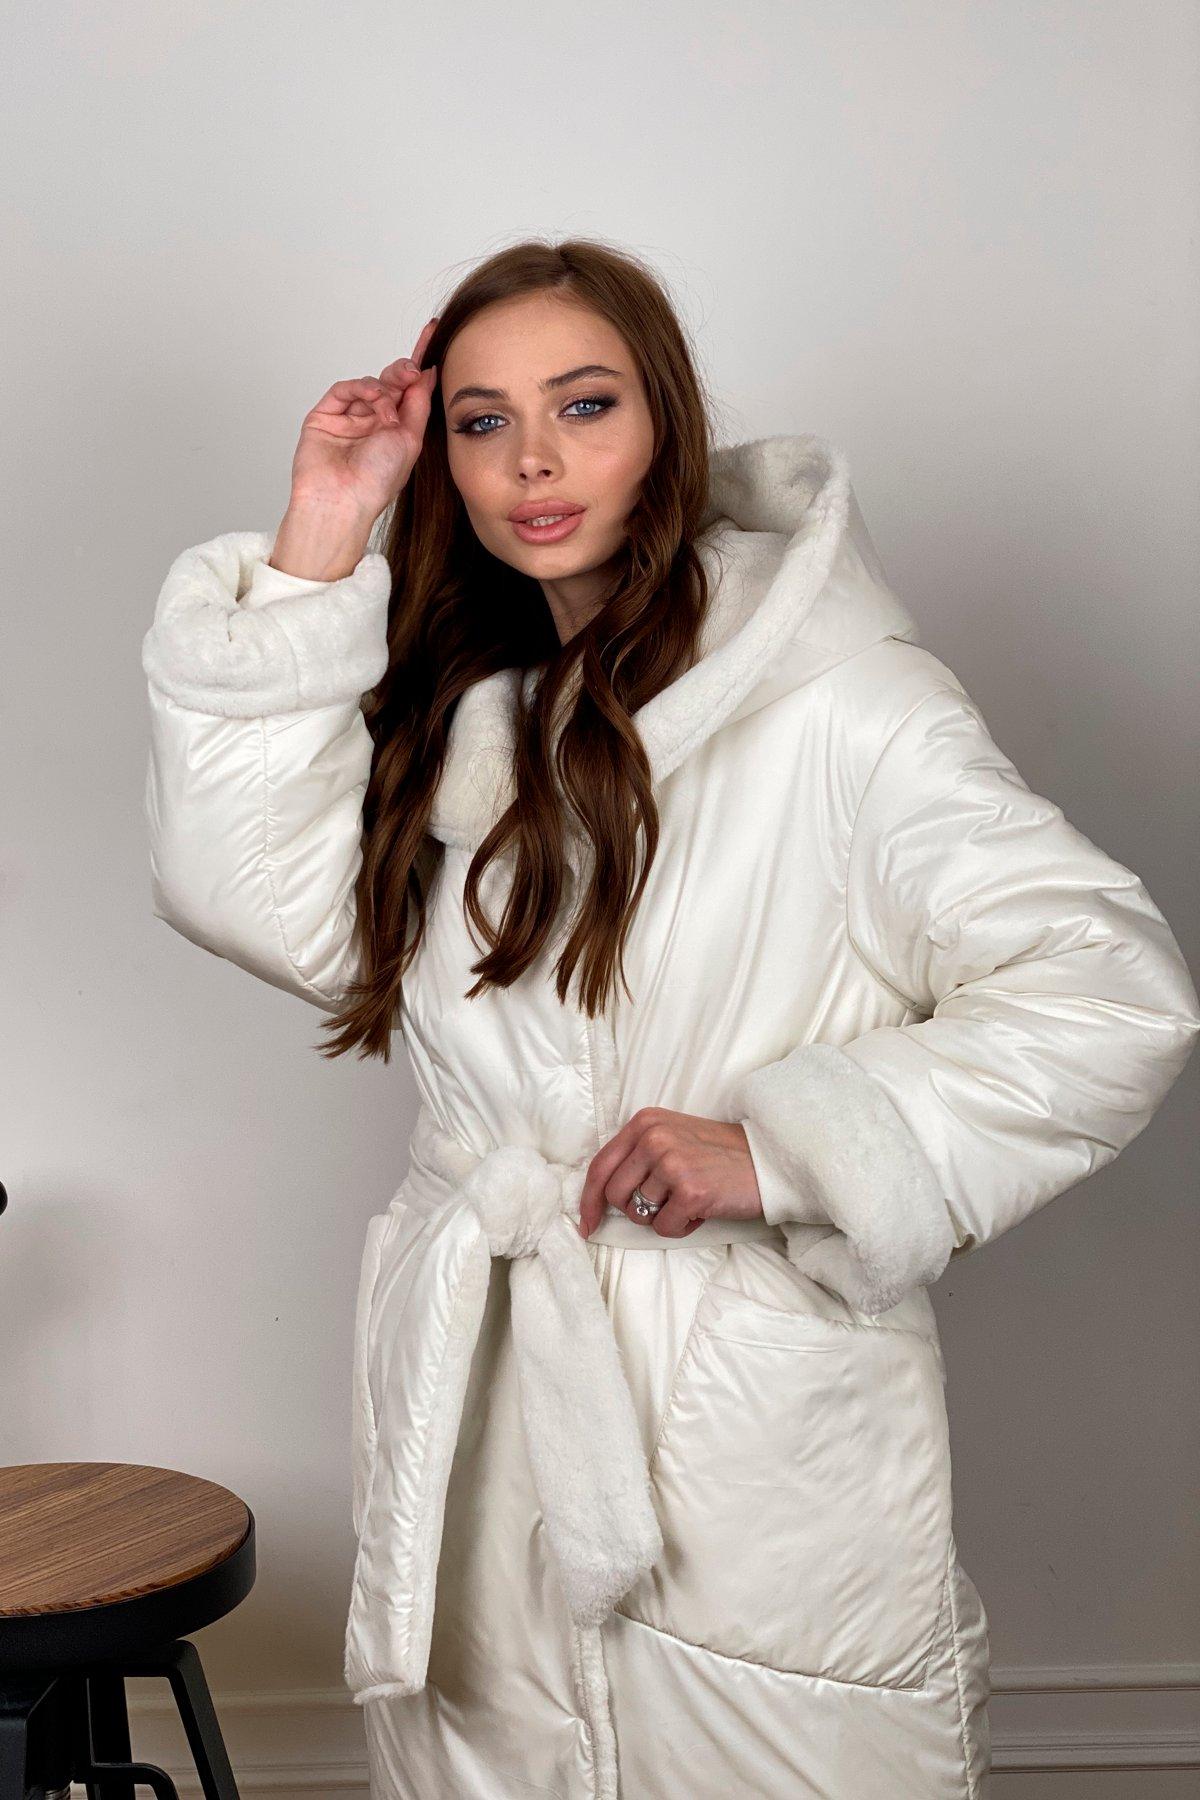 Сноу  теплое двухстороннее пальто из  еко меха и плотной  плащевки 10344 АРТ. 46645 Цвет: Молоко - фото 3, интернет магазин tm-modus.ru